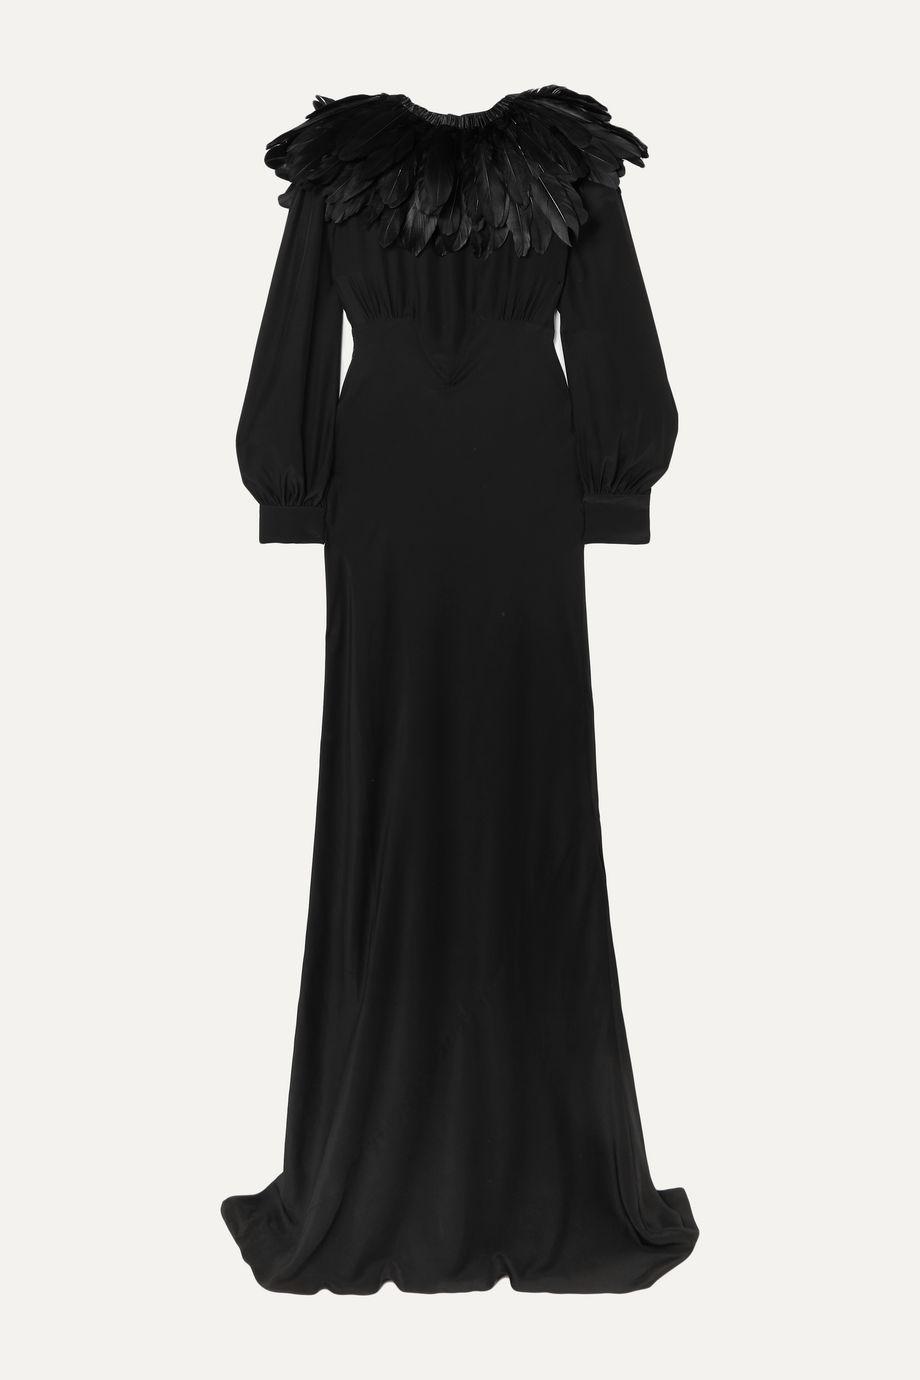 """Olivia von Halle x Maleficent """"Angelina"""" 人造羽毛边饰真丝双绉礼服"""